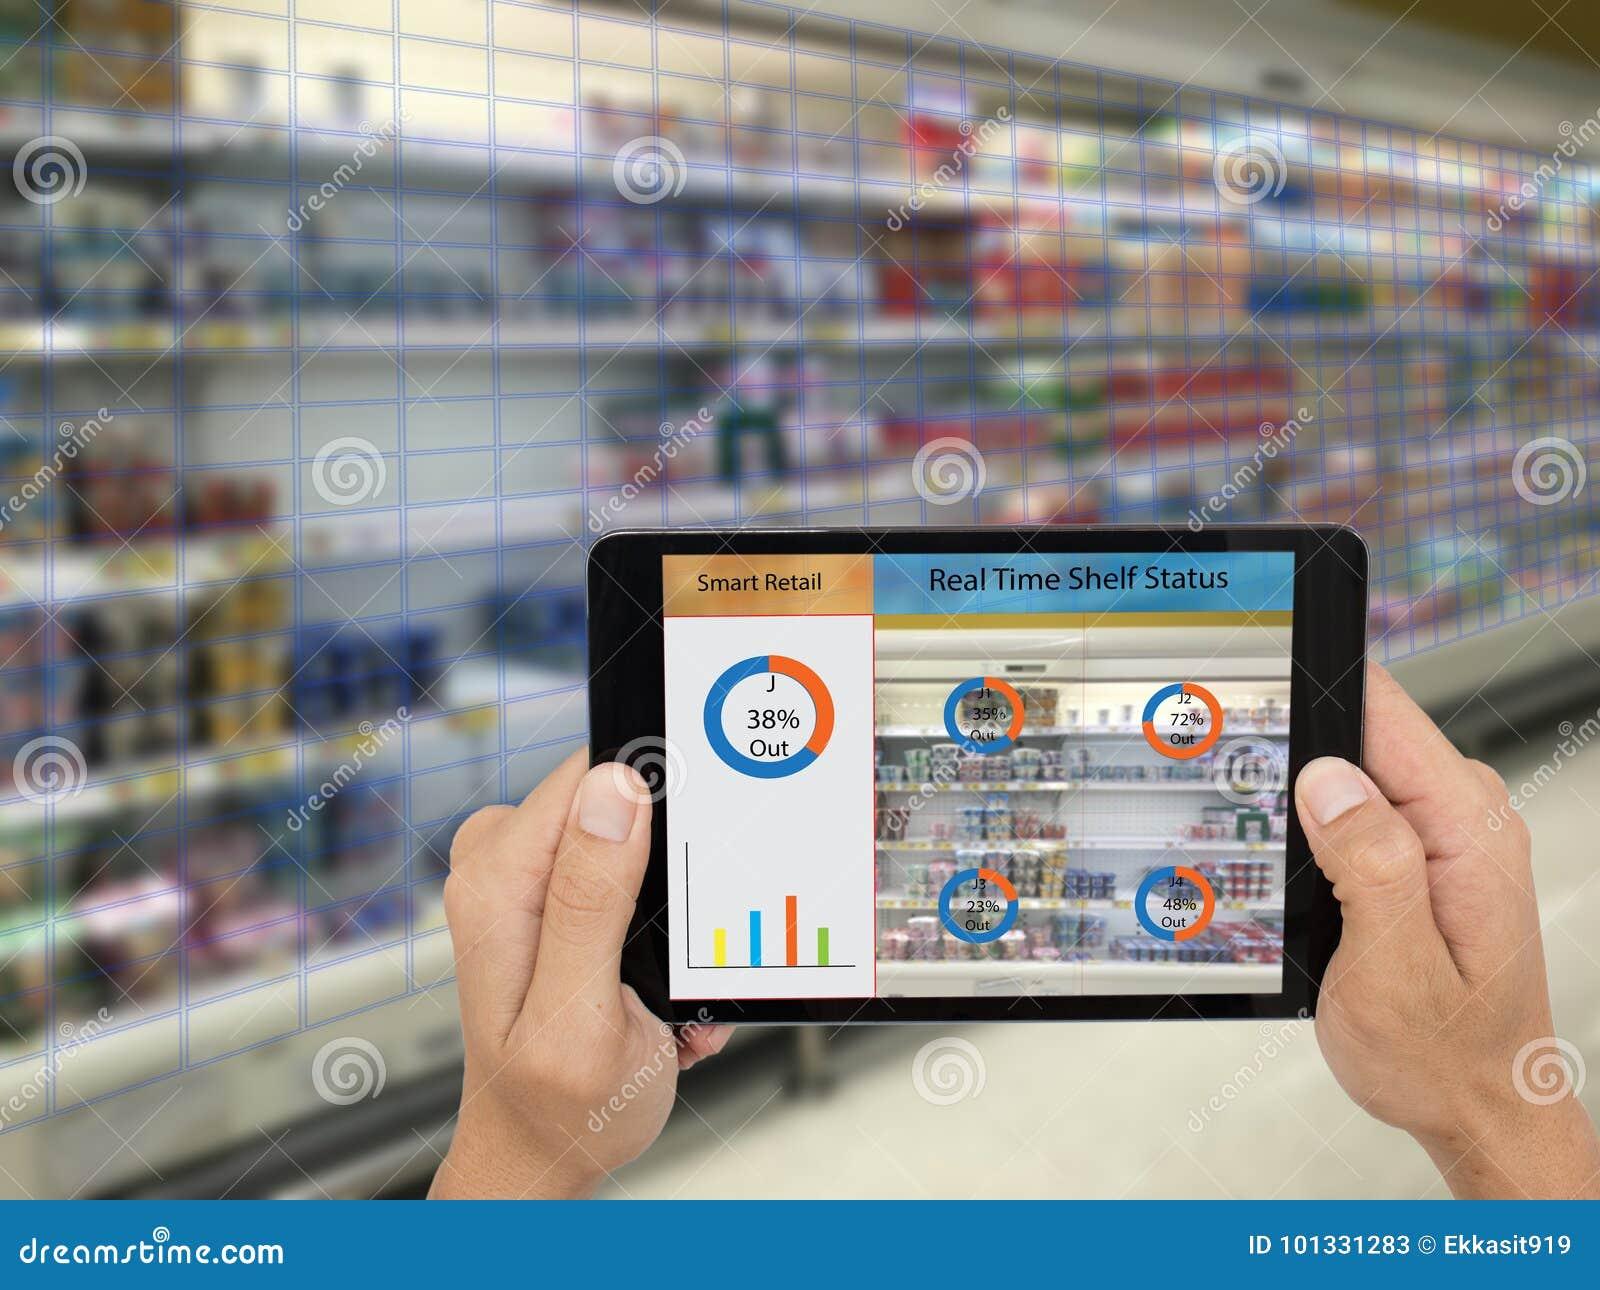 Iot, Internet des choses, concepts au détail futés, directeur du _ s de magasin d A peut vérifier de quelles données des aperçus